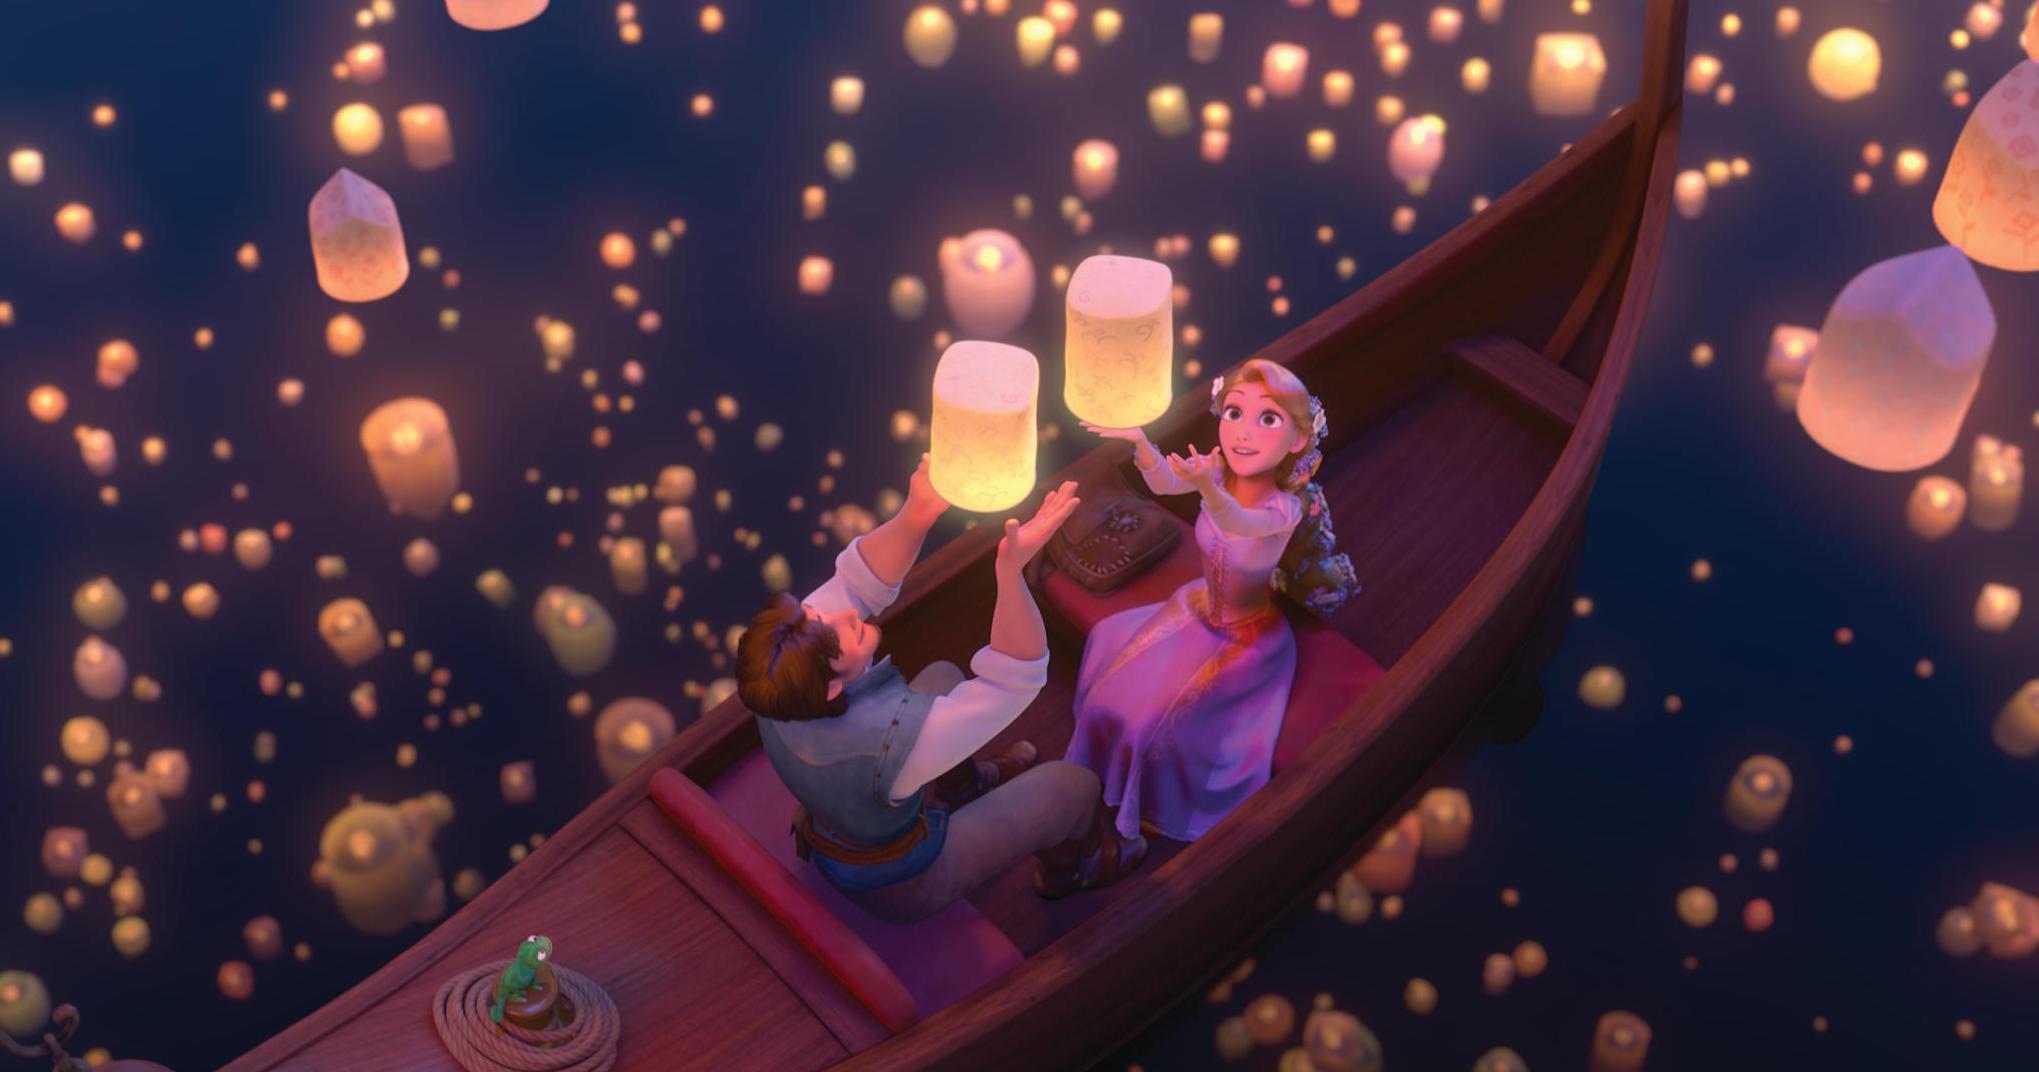 映画『塔の上のラプンツェル』 © Disney